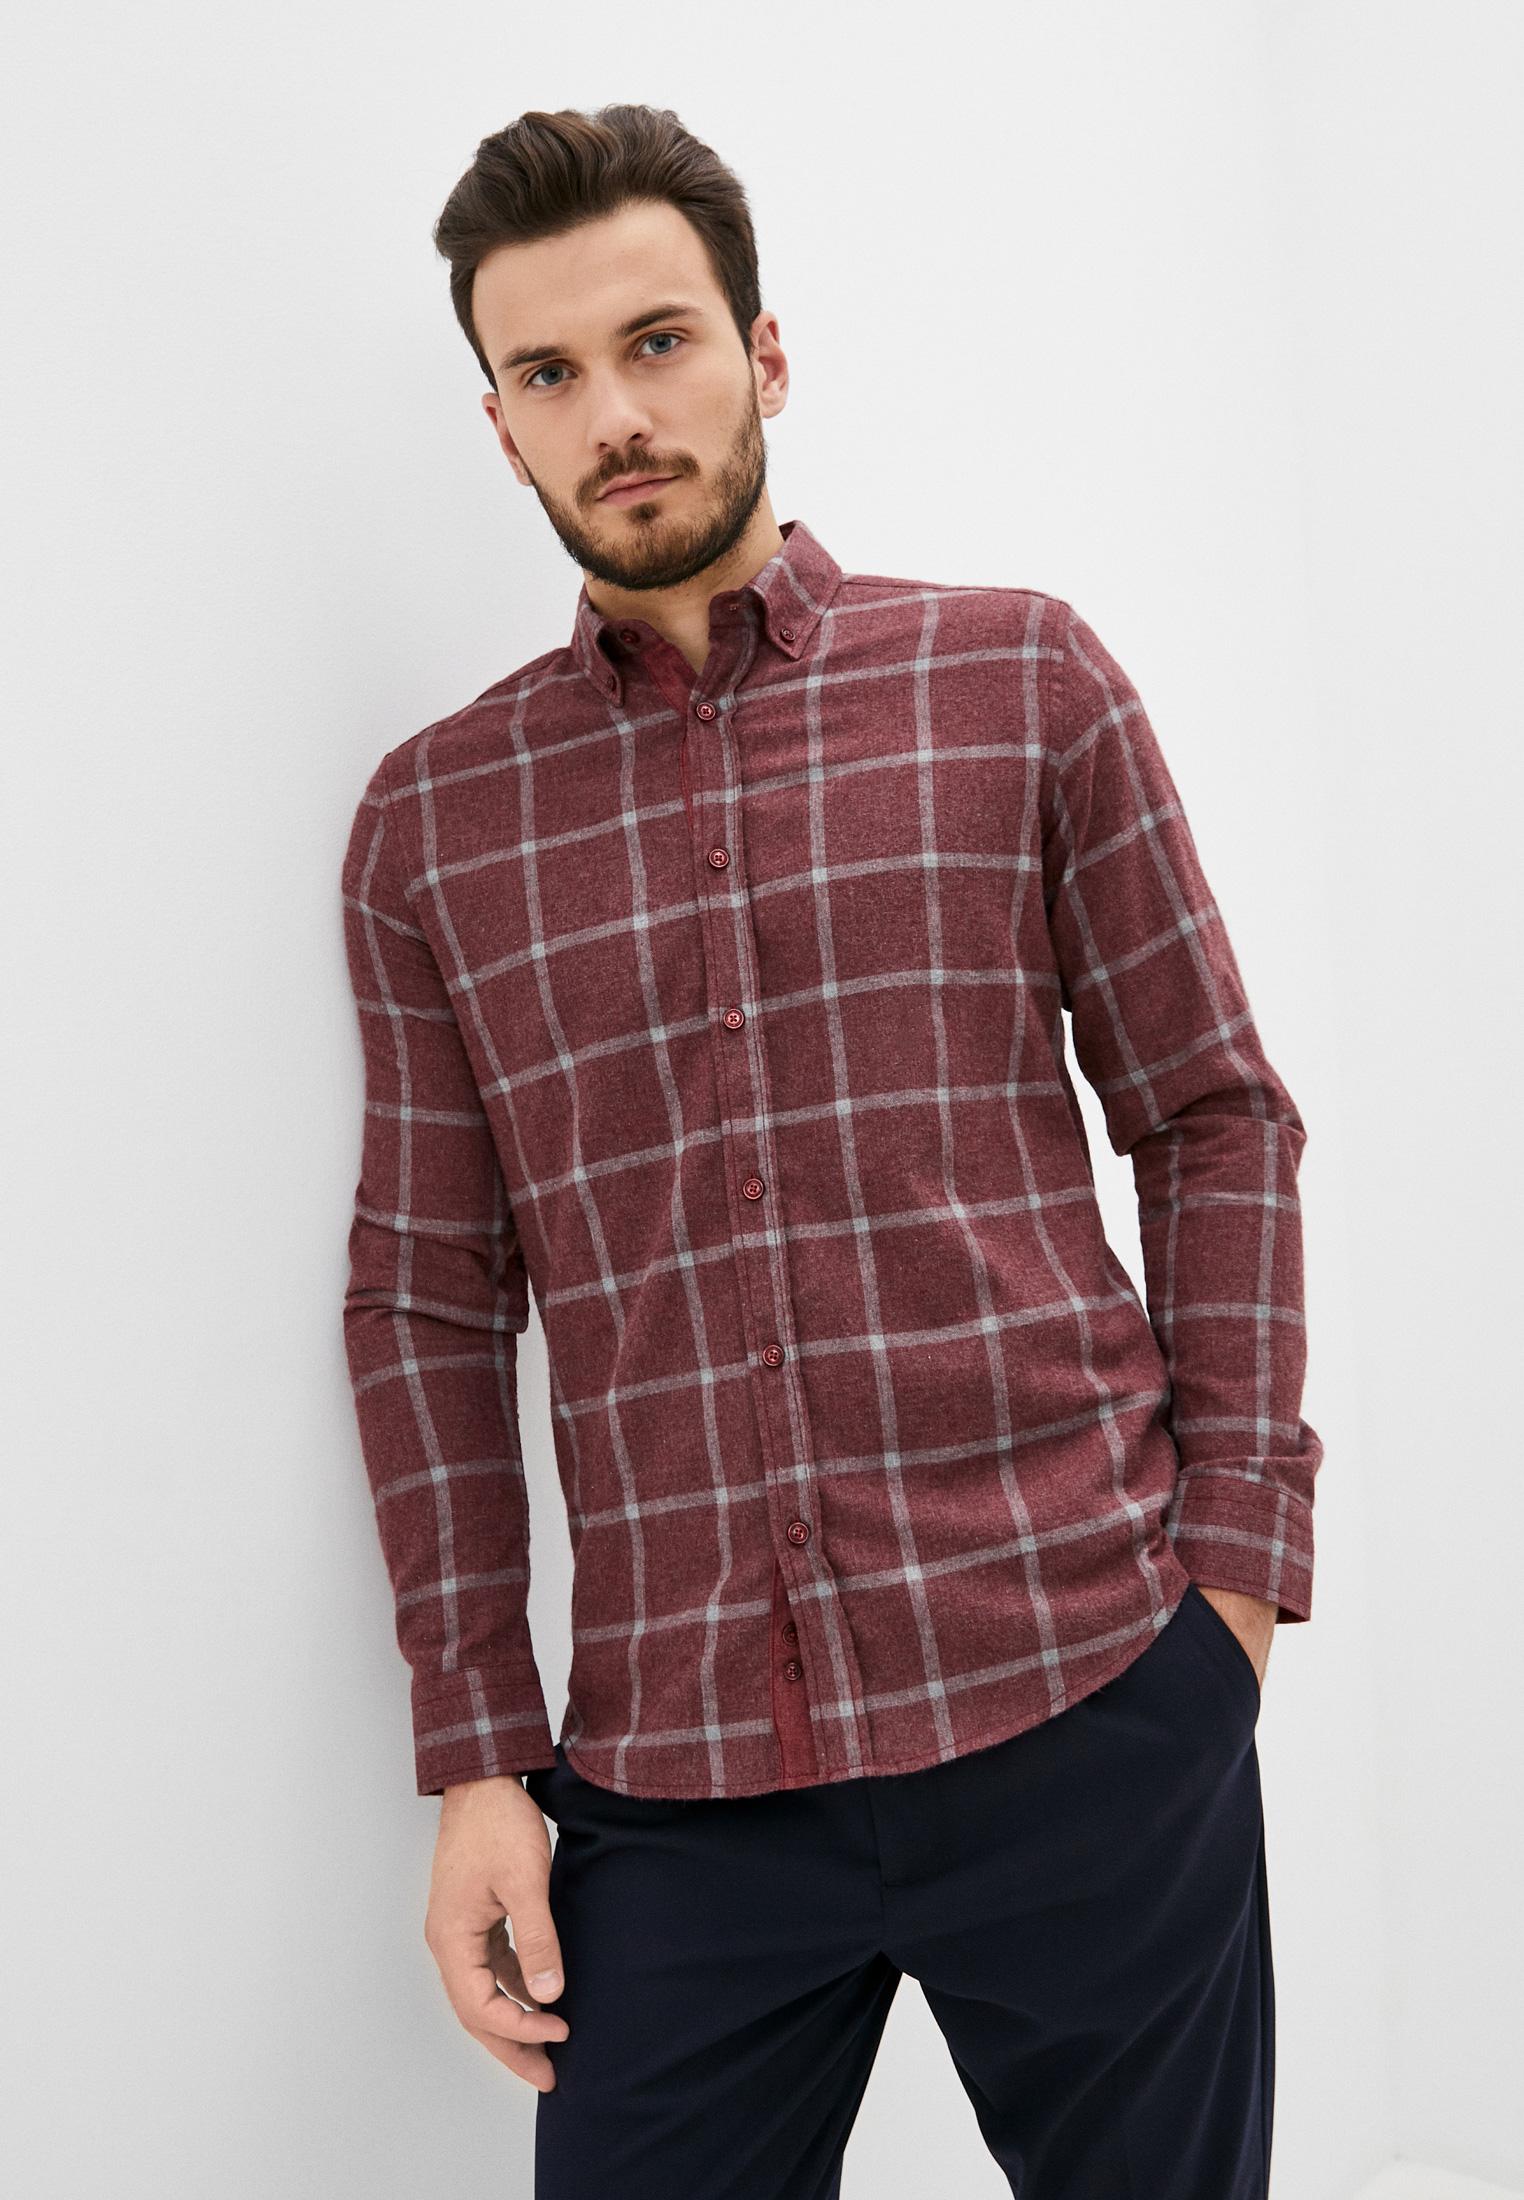 Рубашка с длинным рукавом JIMMY SANDERS (Джимми Сандерс) 20W SHM3097 BORDEAUX